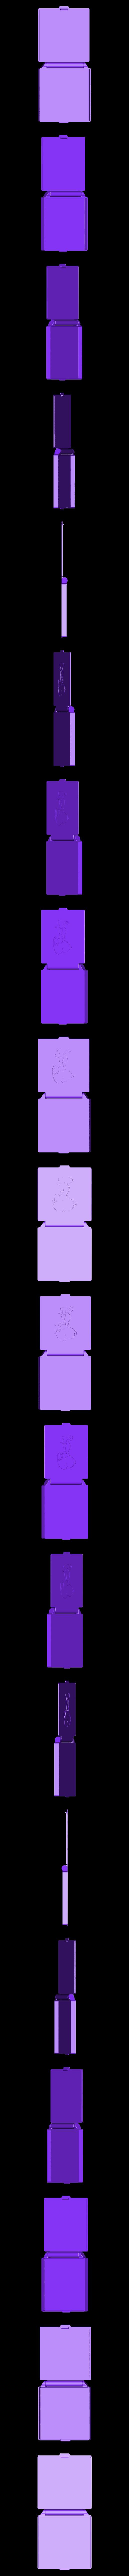 Snoopy_Face_Mask.stl Descargar archivo STL Snoopy Face Mask Case Box • Plan para la impresión en 3D, filaprim3d